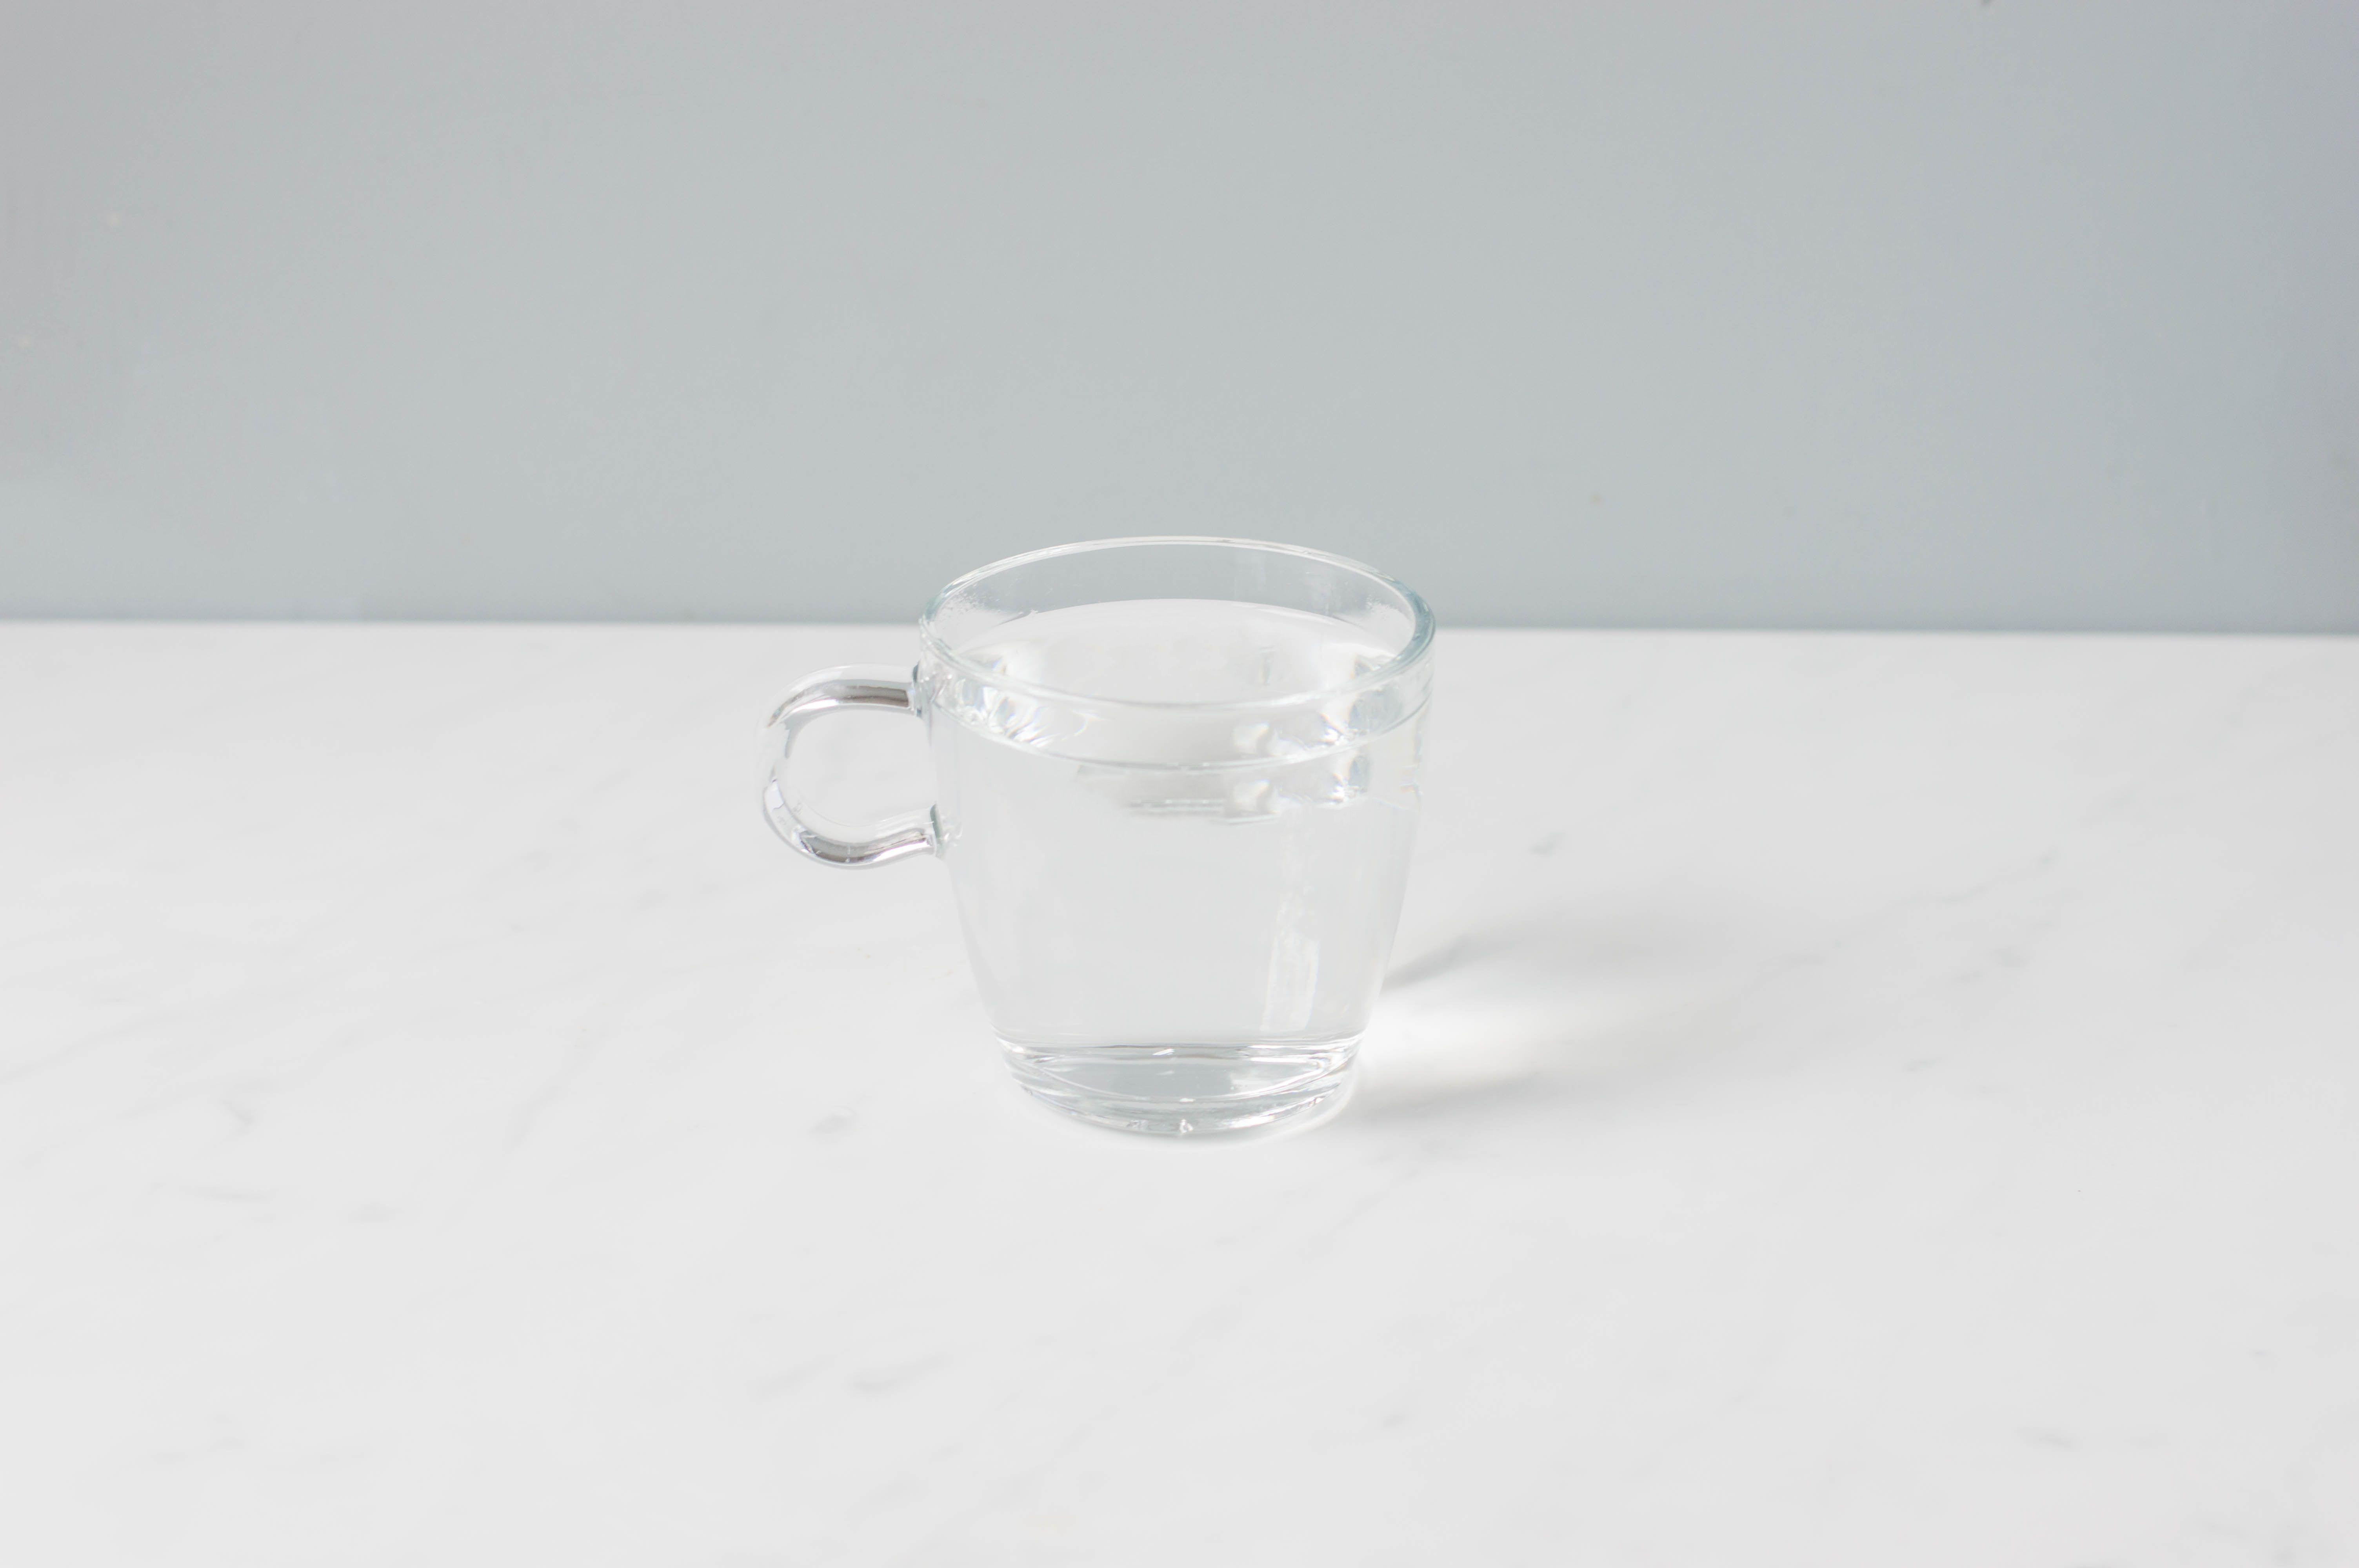 Mug preheated with hot water